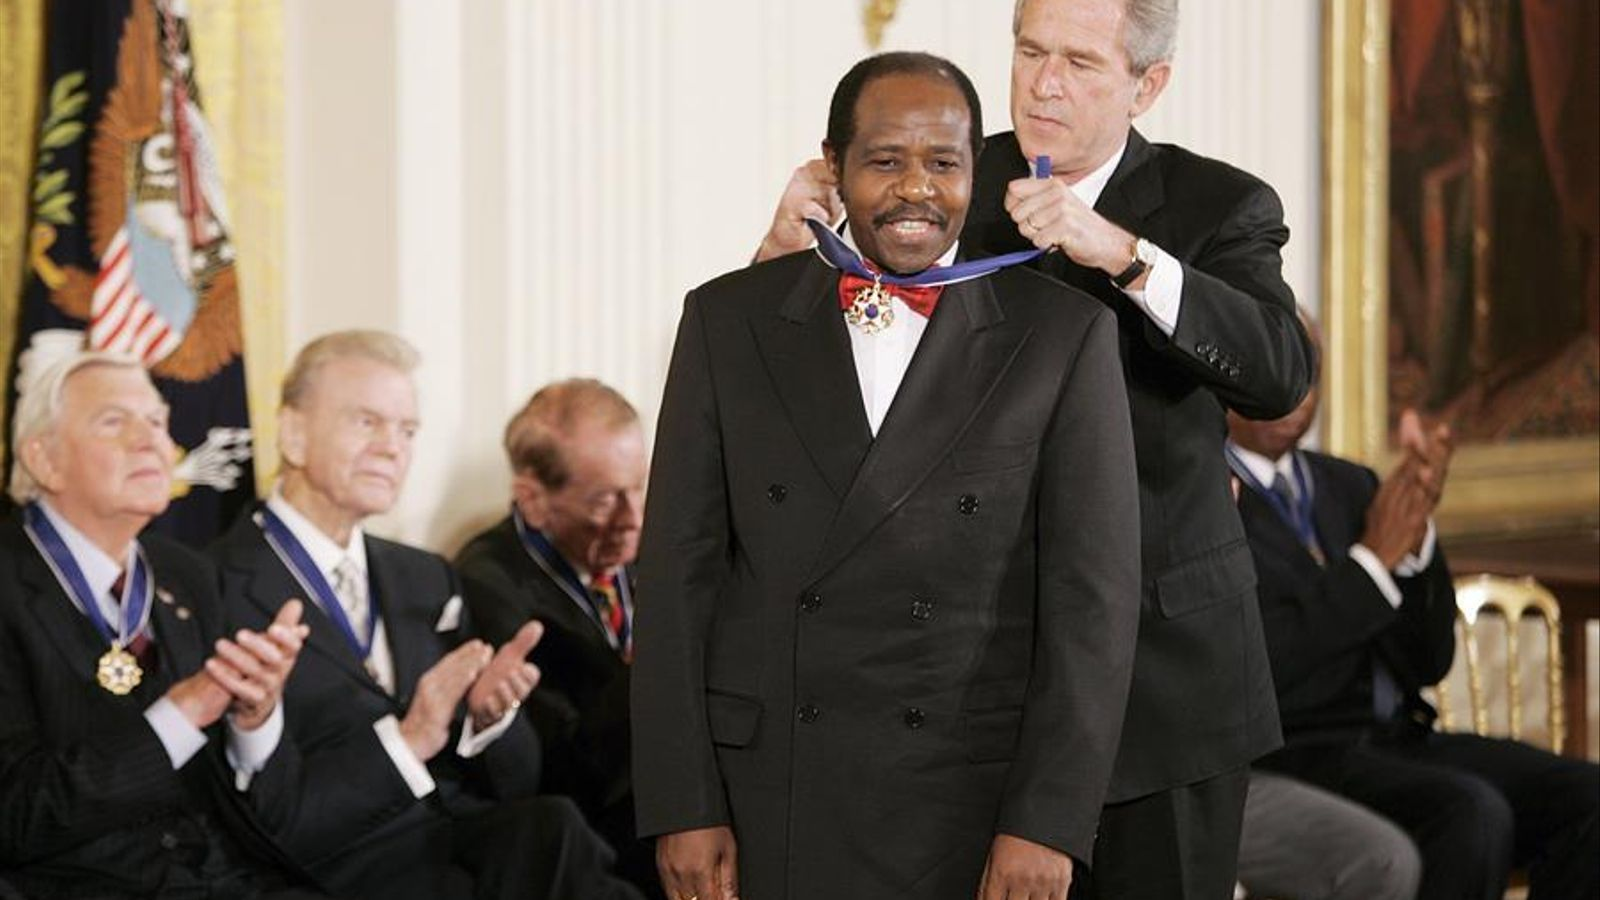 Rusesabagina rebent la Medalla de la Llibertat de mans del president George W. Bush per la seva protecció dels tutsis en el genocidi, el 9 de novembre del 2005